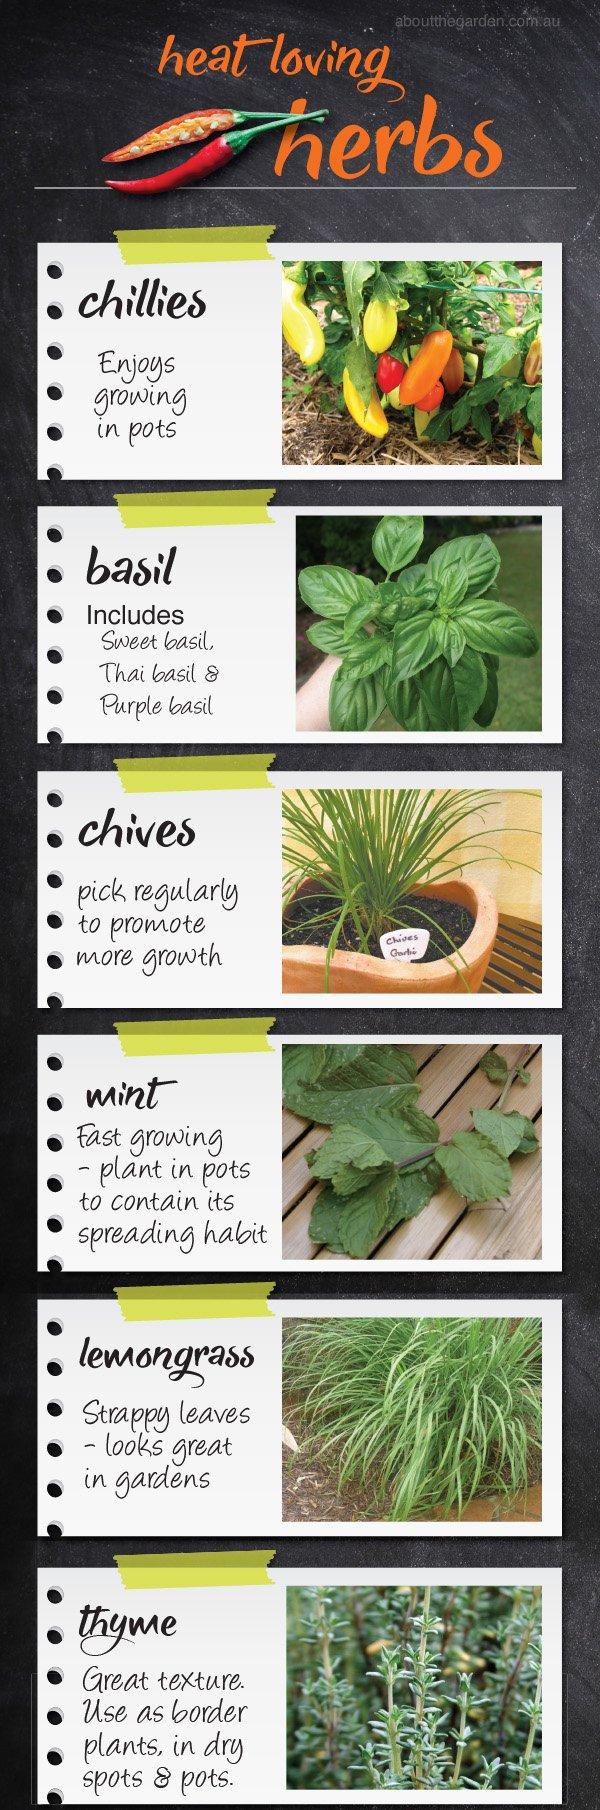 Herbs for summer, Australian gardens #aboutthegardenmagazine.ind